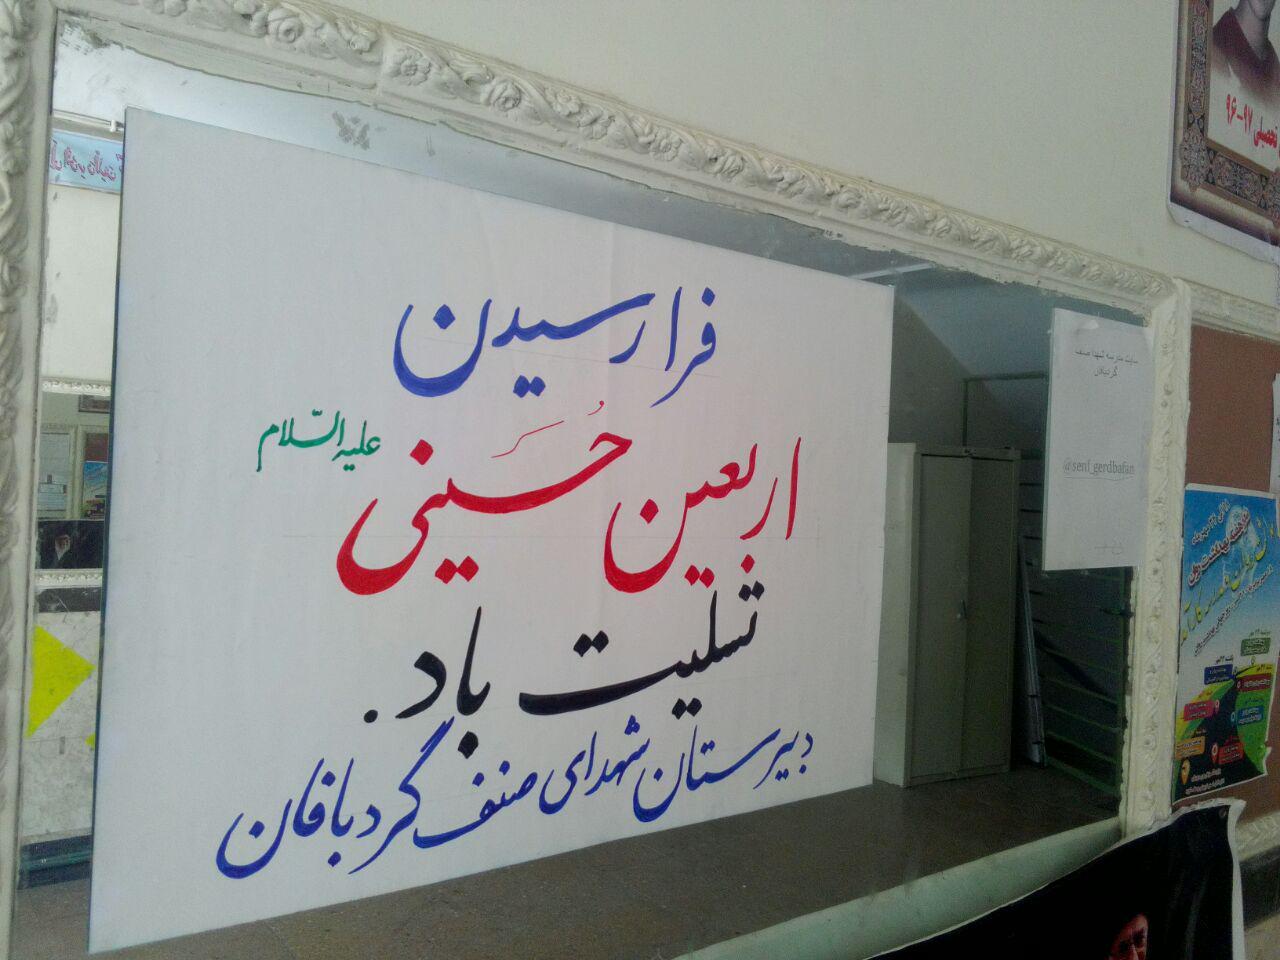 برگزاری مراسمات و مناسبت های مذهبی و ملی در دبیرستان شهدای صنف گردبافان (اربعین حسینی)